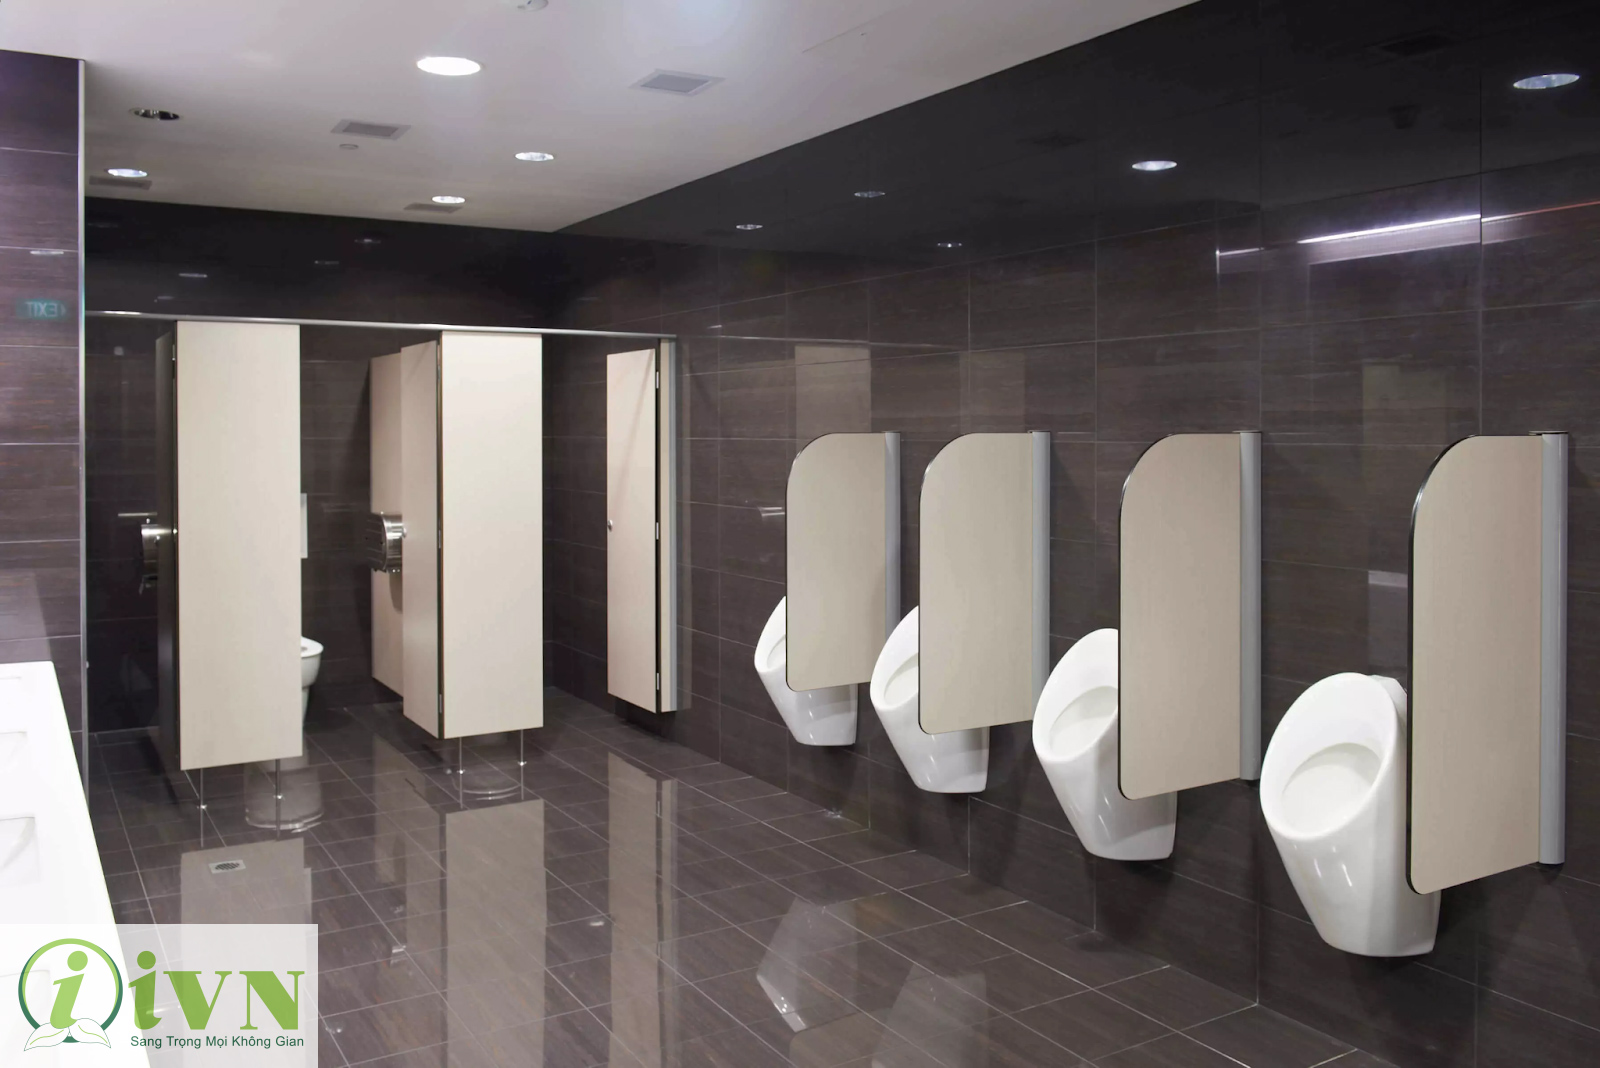 Kinh nghiệm lựa chọn vách ngăn vệ sinh Compact chuẩn chất lượng